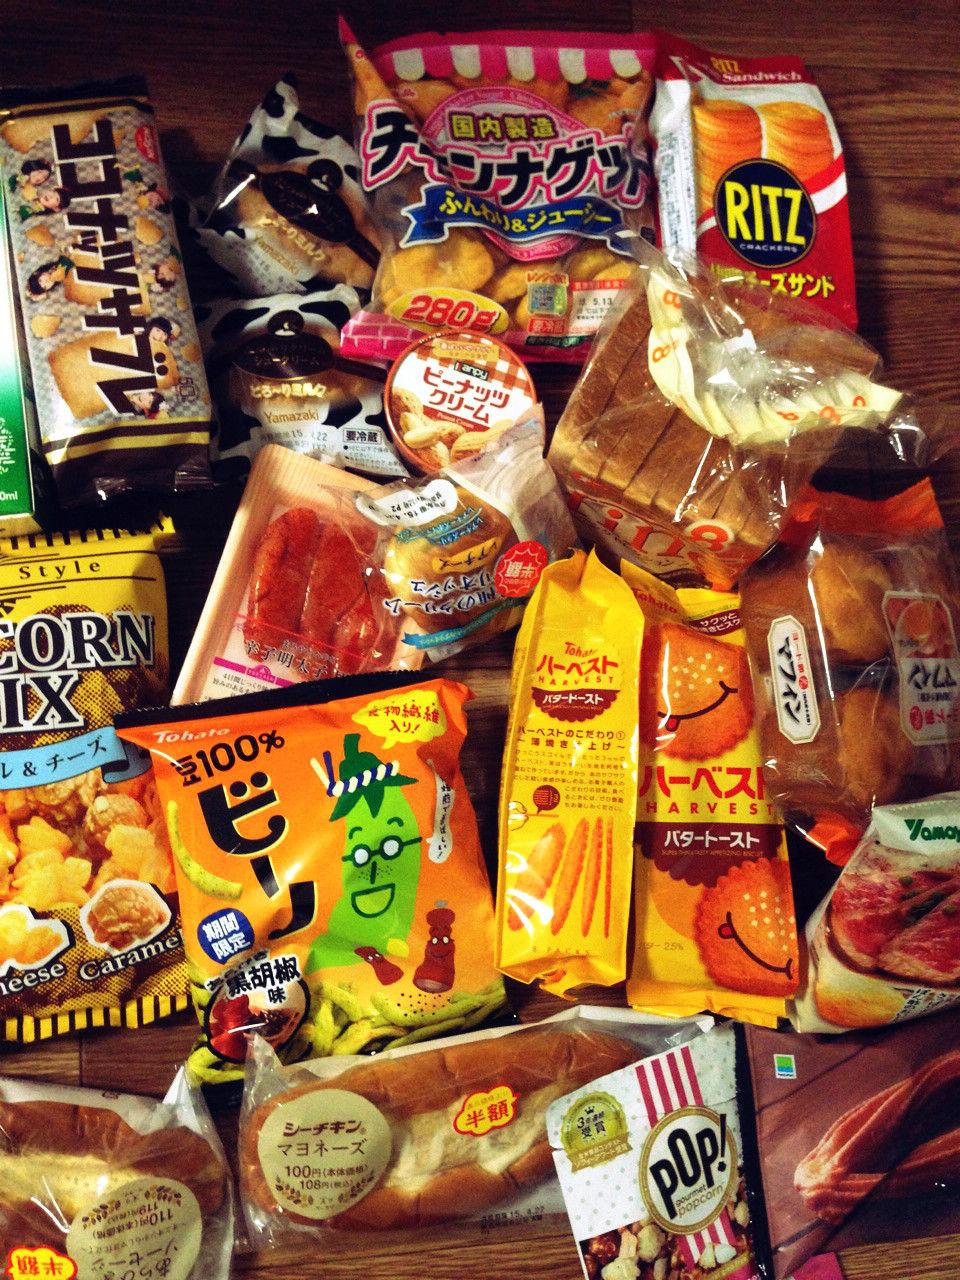 食べ 過食 症 た もの ブログ